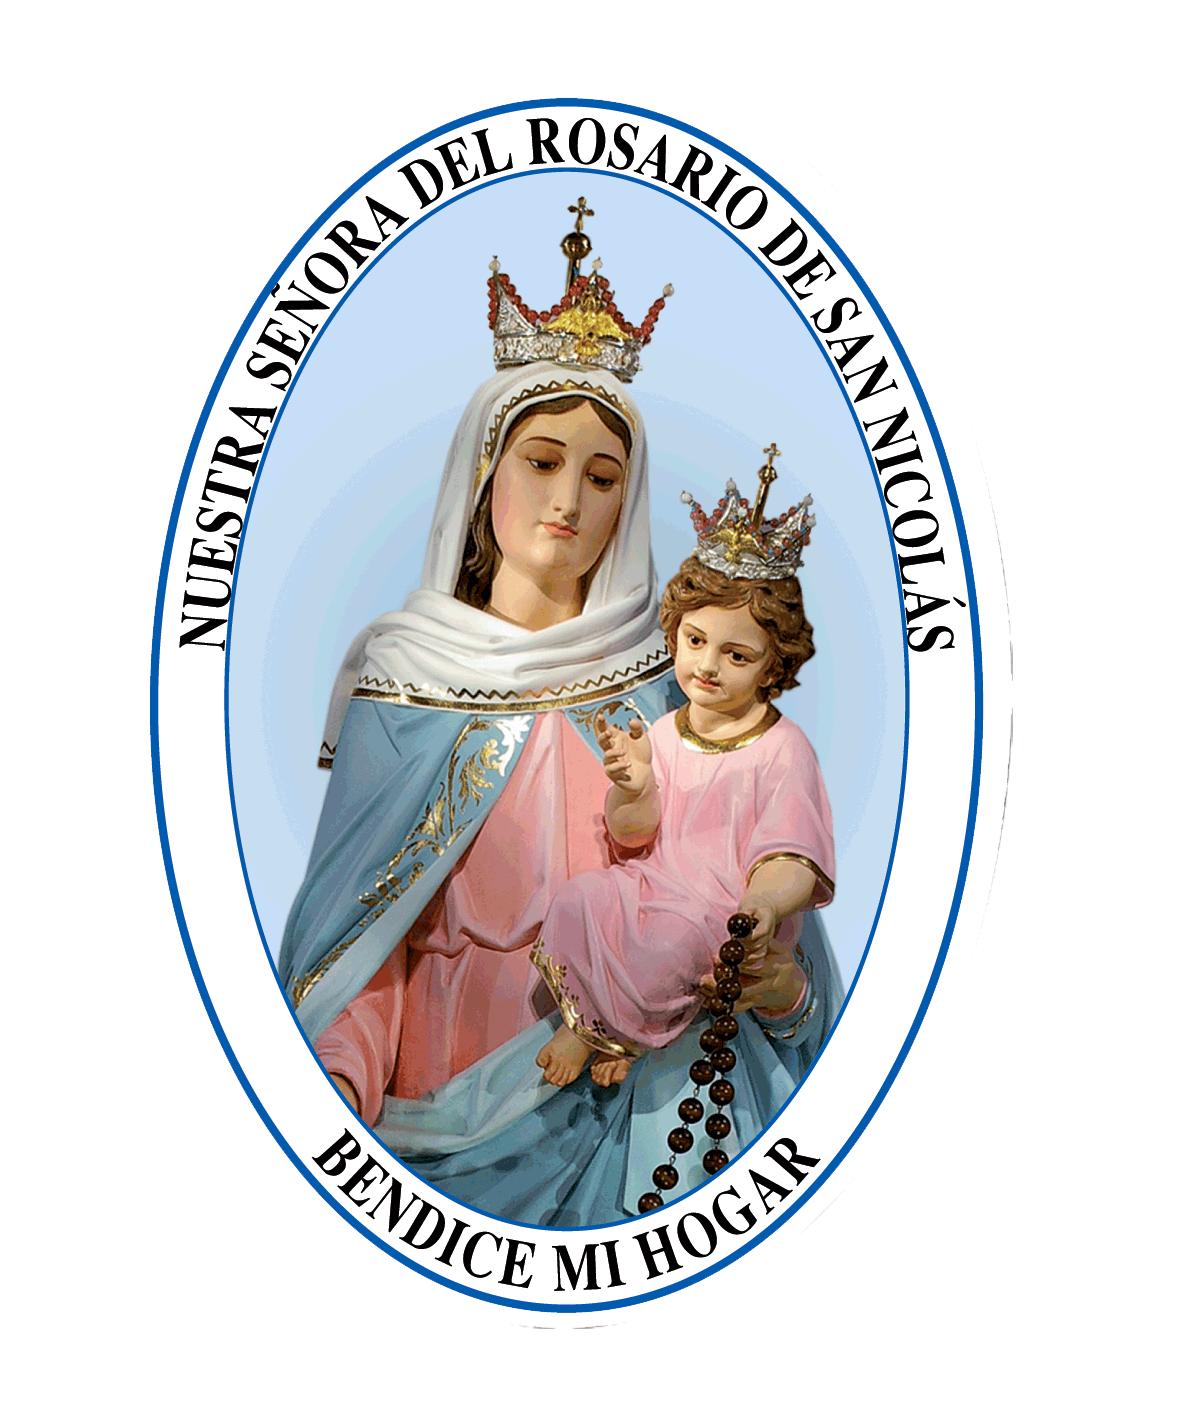 adhesivo-de-ns-del-rosario-de-san-nicolas.png (1180×1417)